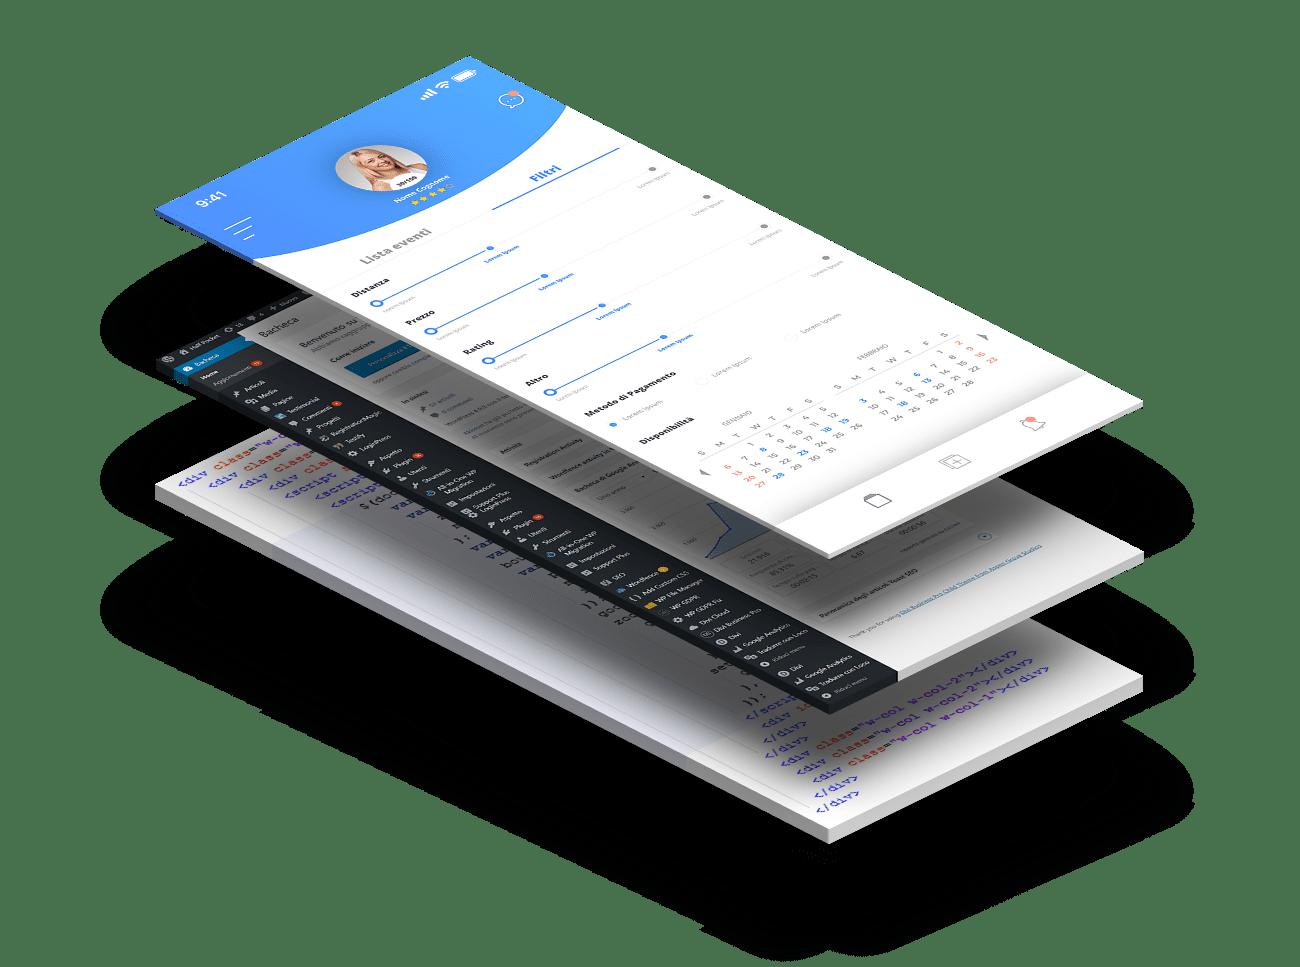 Creazione dell'applicazione per ios e android